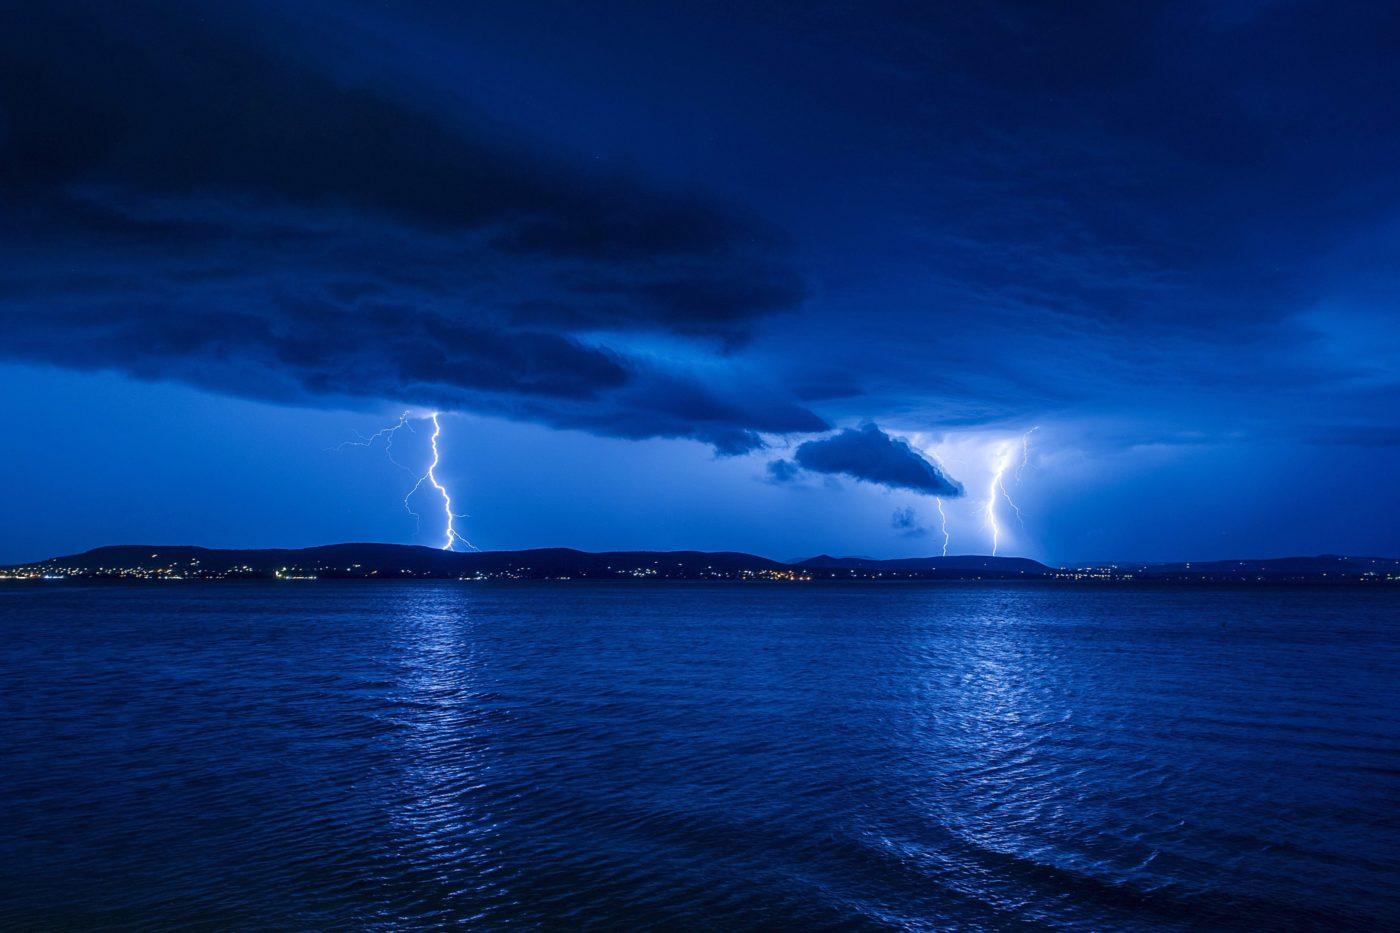 Rövid volt az idei viharjelzési szezon, öt erős vihar csapott le a Balatonnál